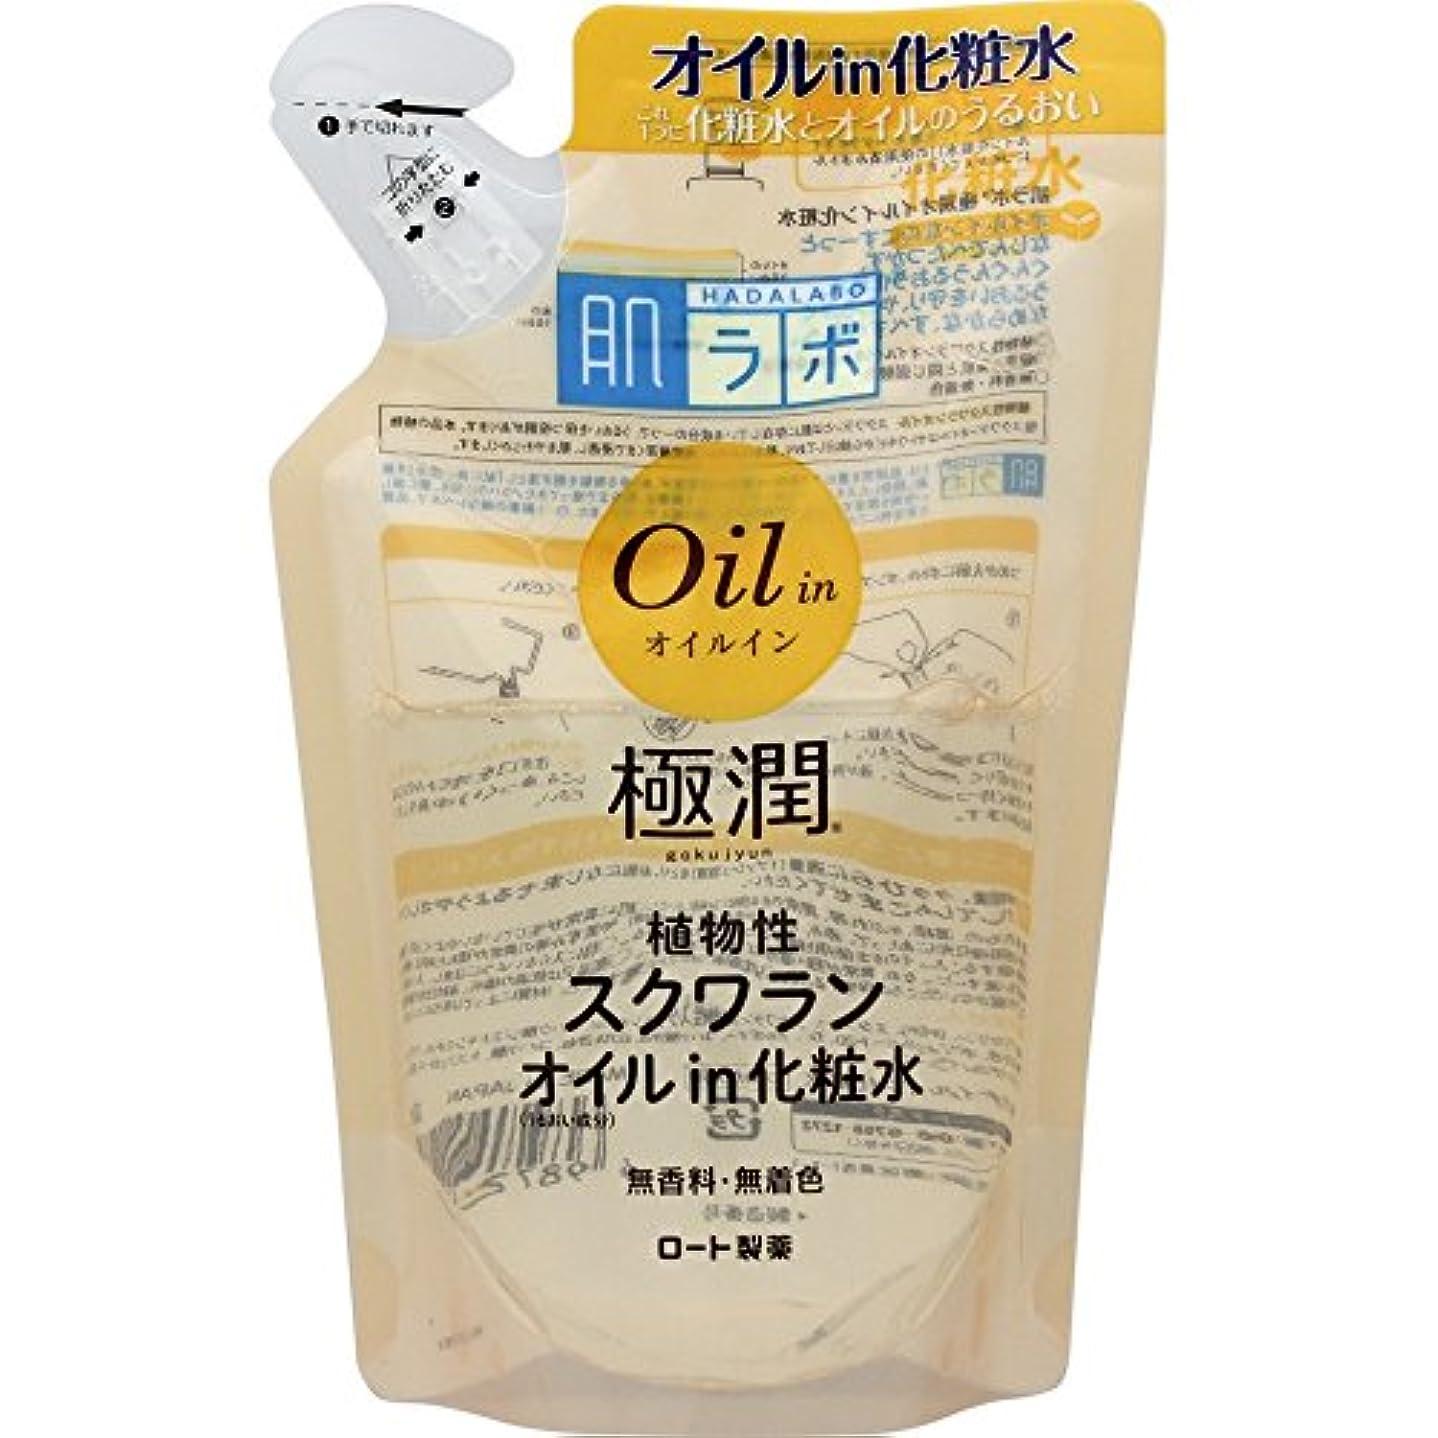 世界的にパック謝罪する肌ラボ 極潤オイルイン化粧水 <詰替用> 植物性スクワランオイル配合 220ml